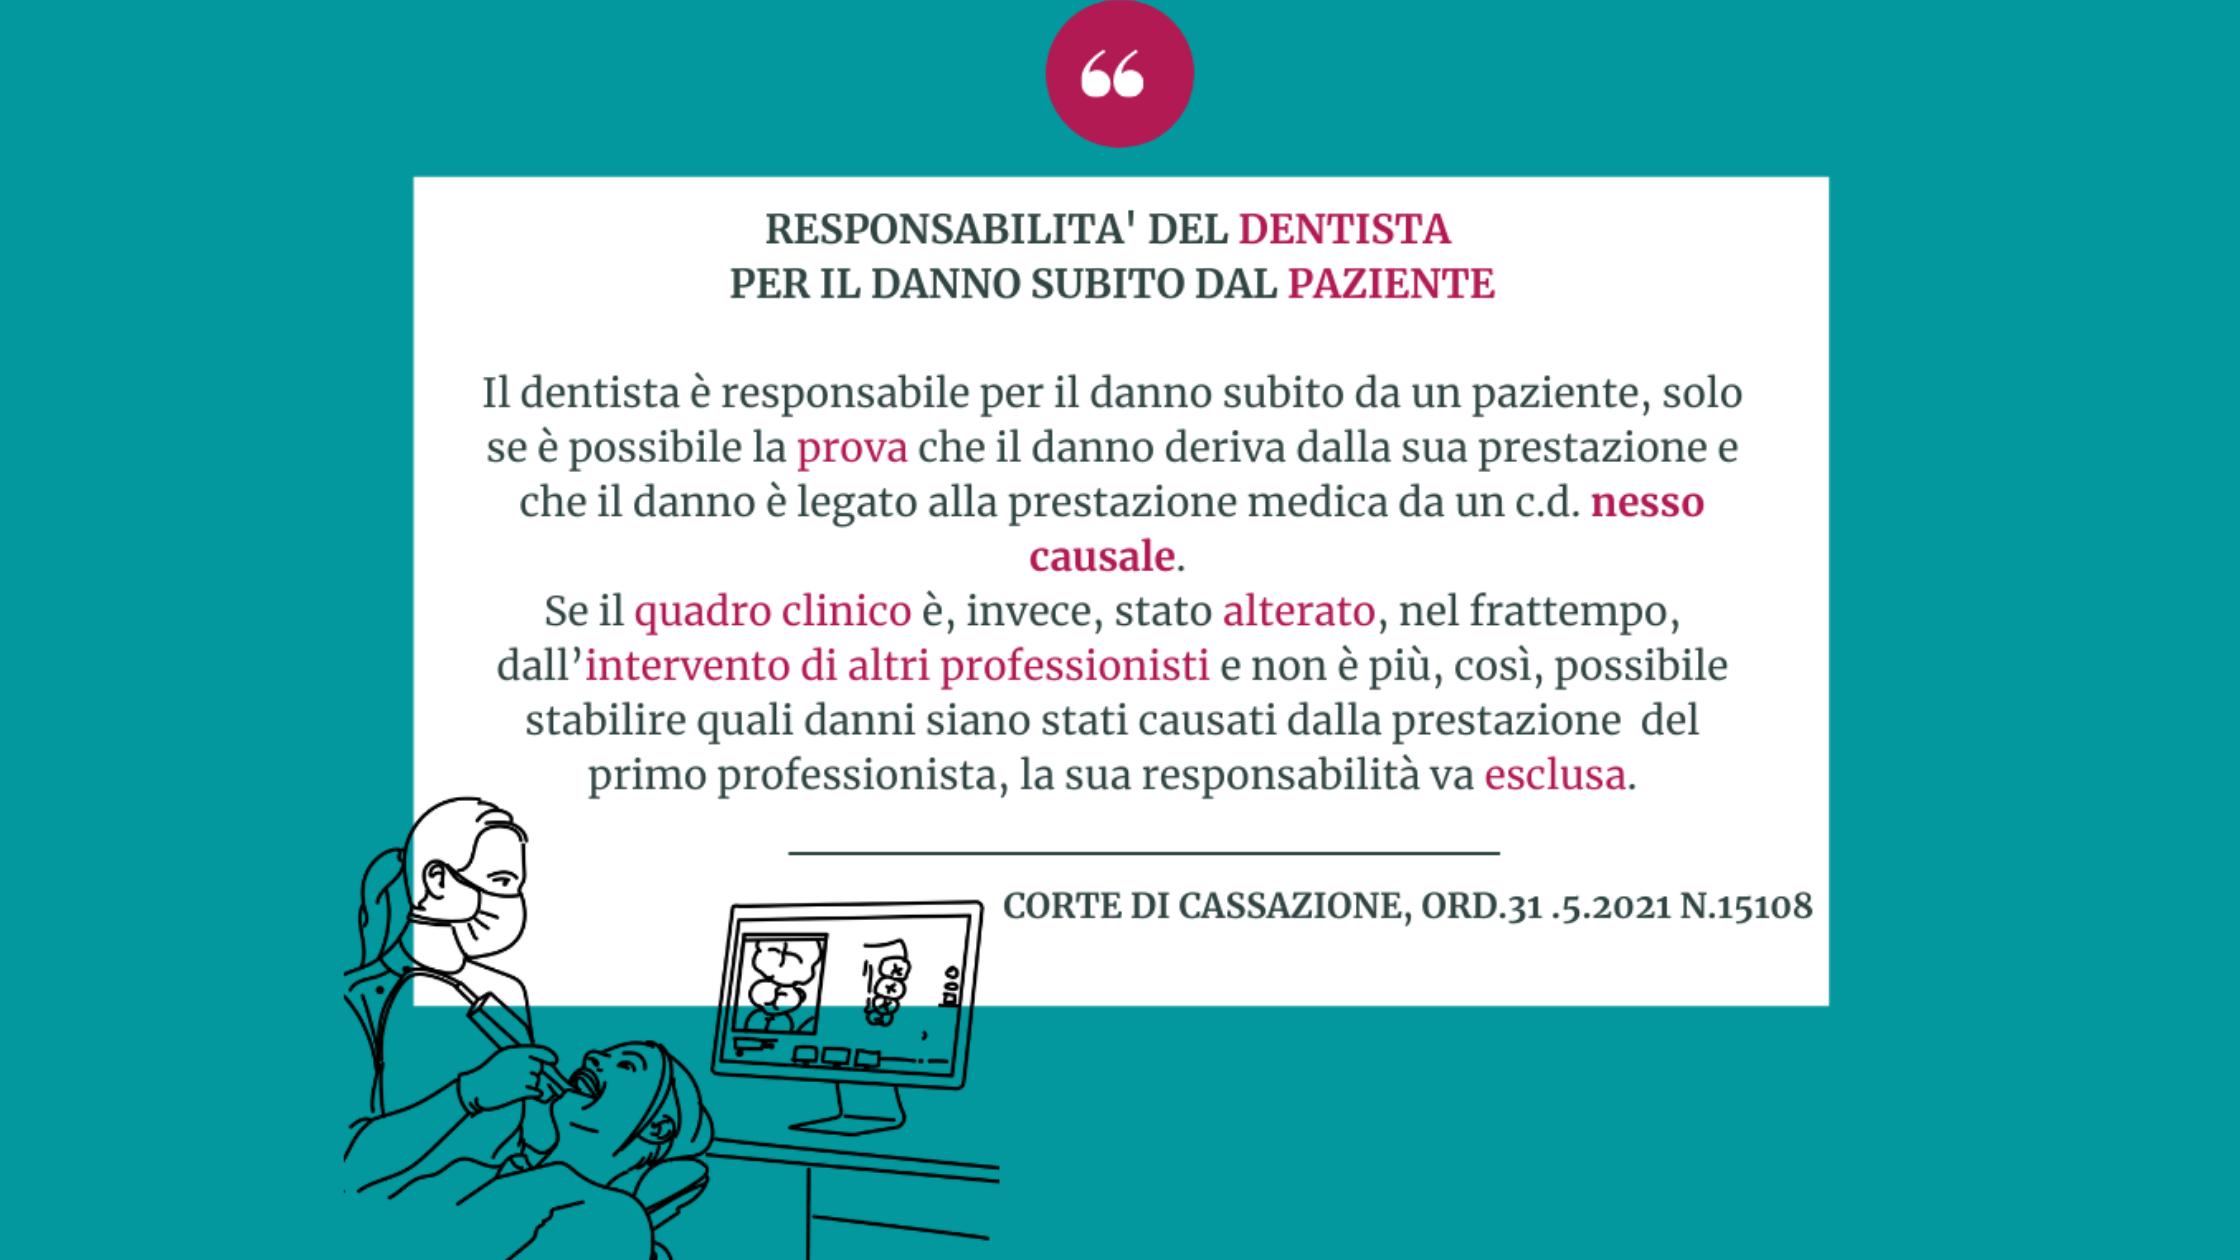 Il dentista è responsabile per il danno del paziente se c'è il nesso di causa con la prestazione.